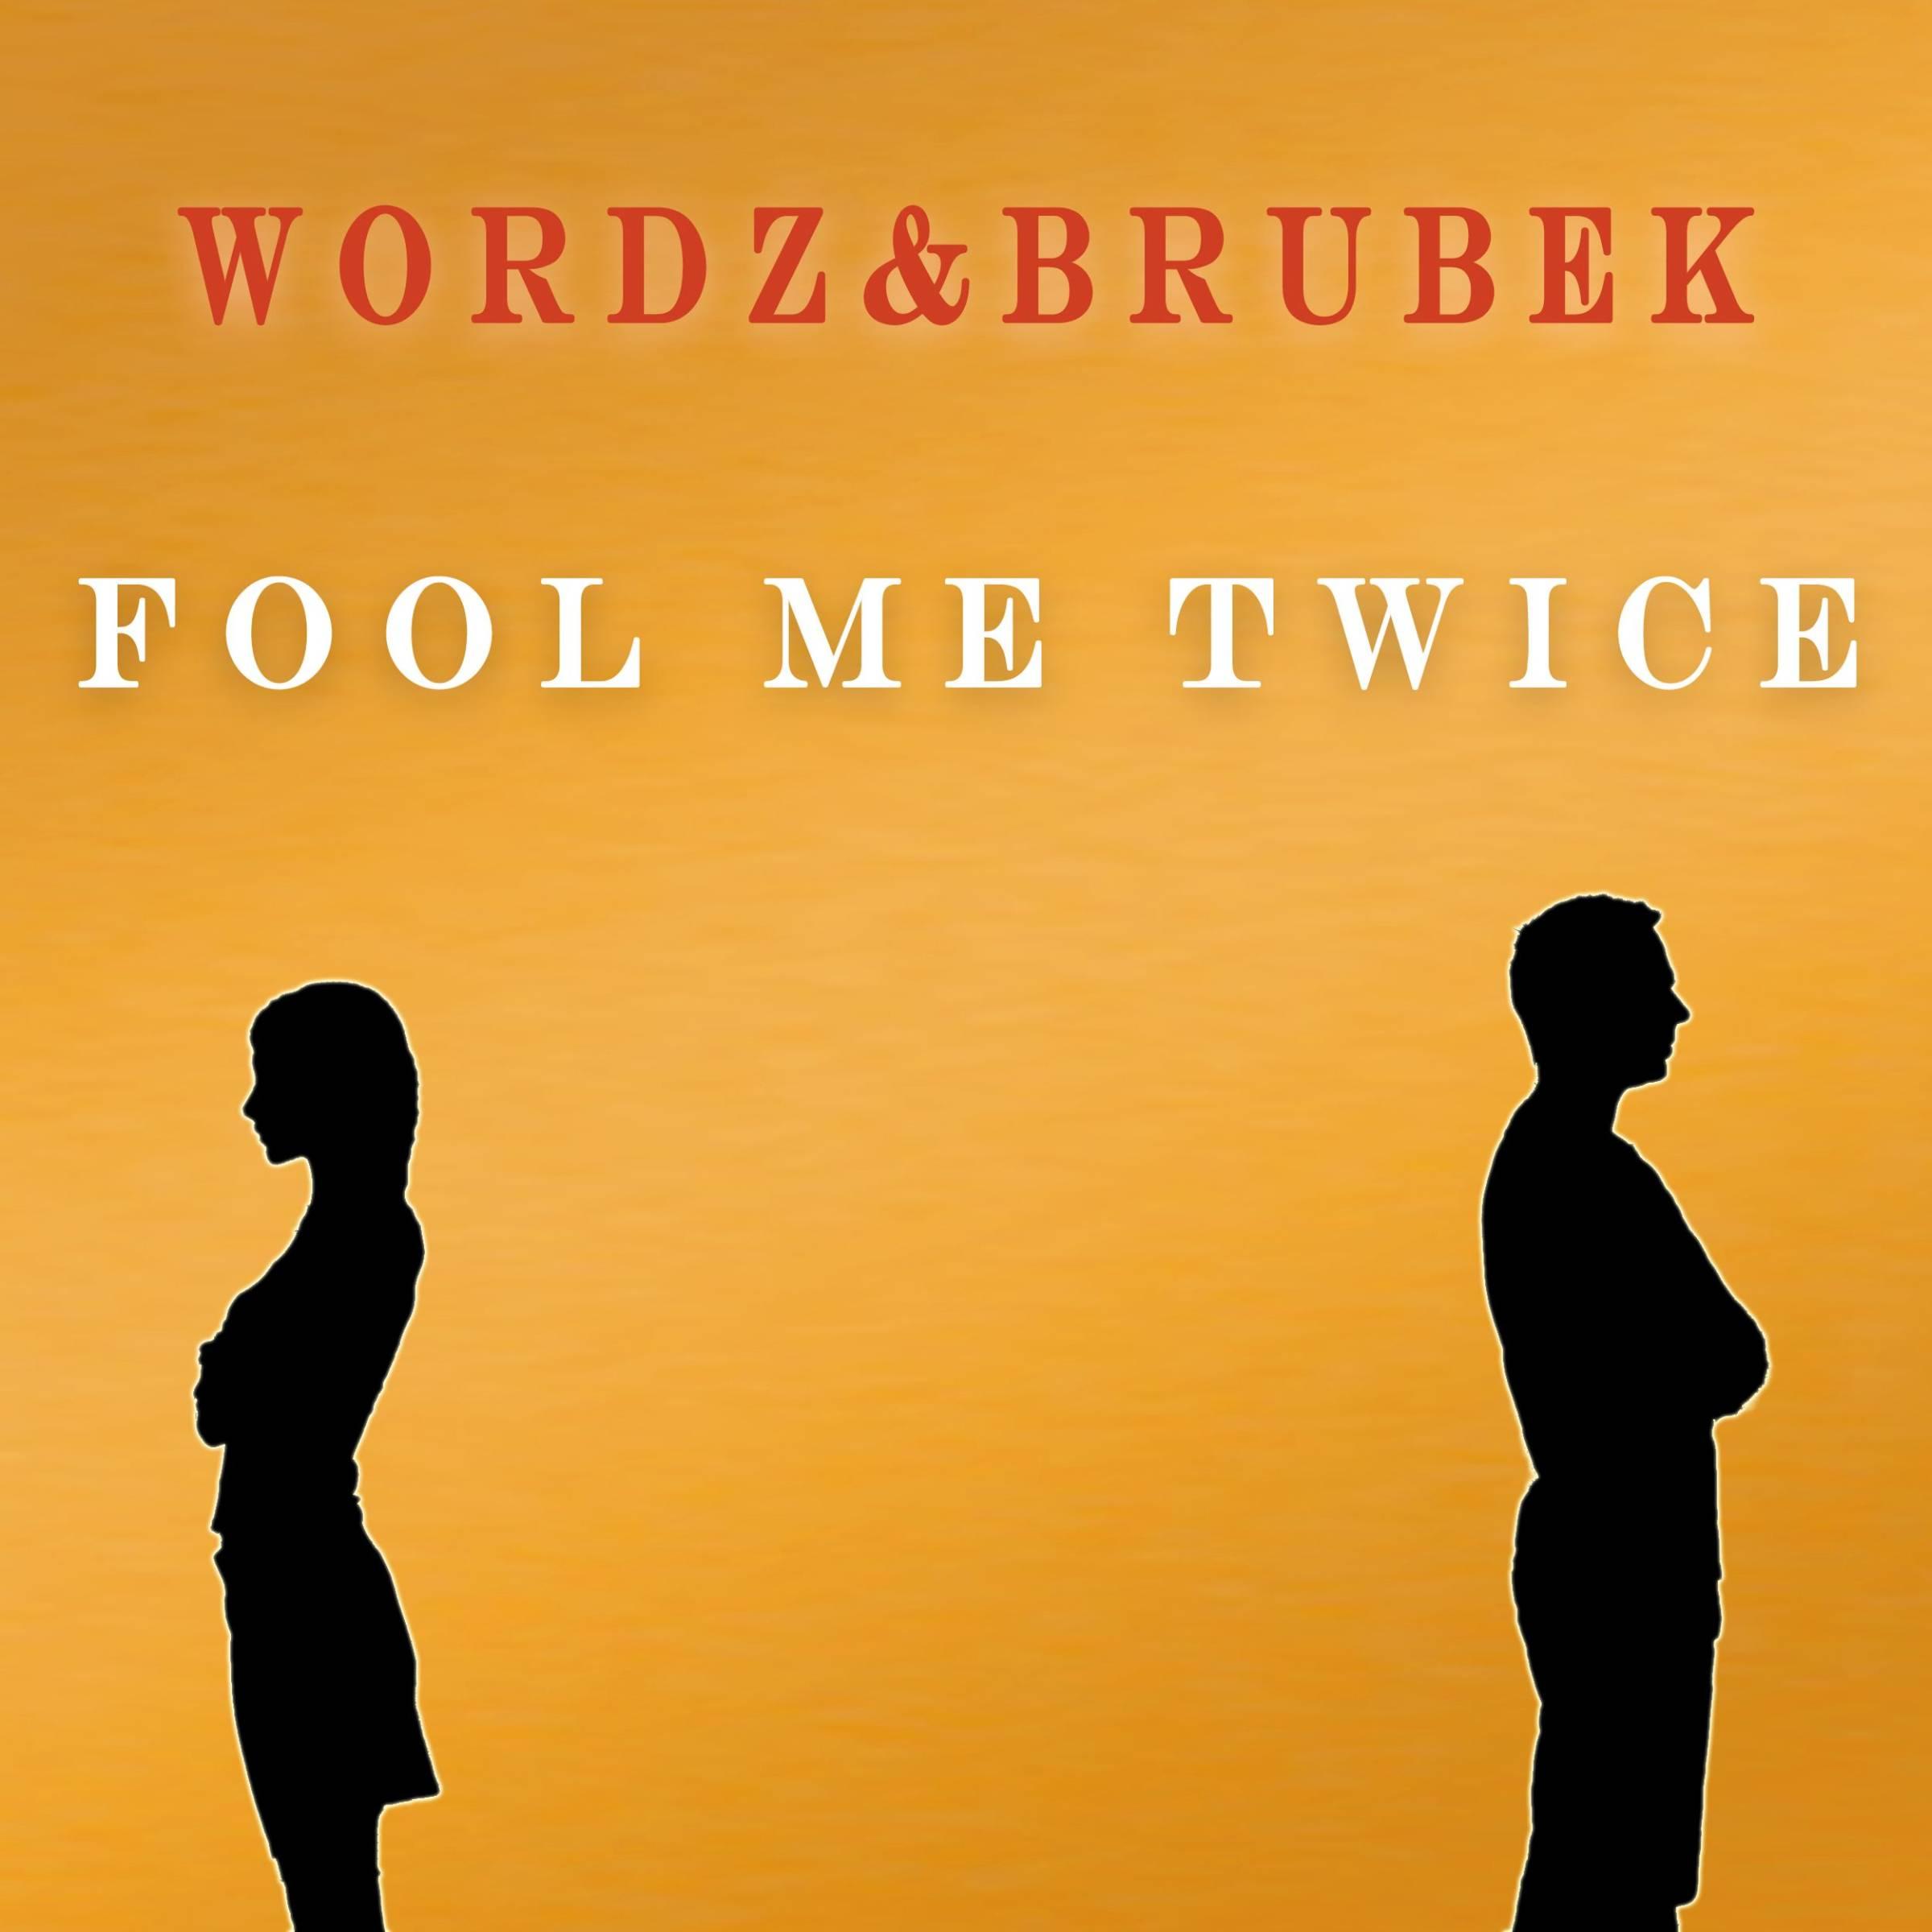 WORDZ & BRUBEK-Fool Me Twice